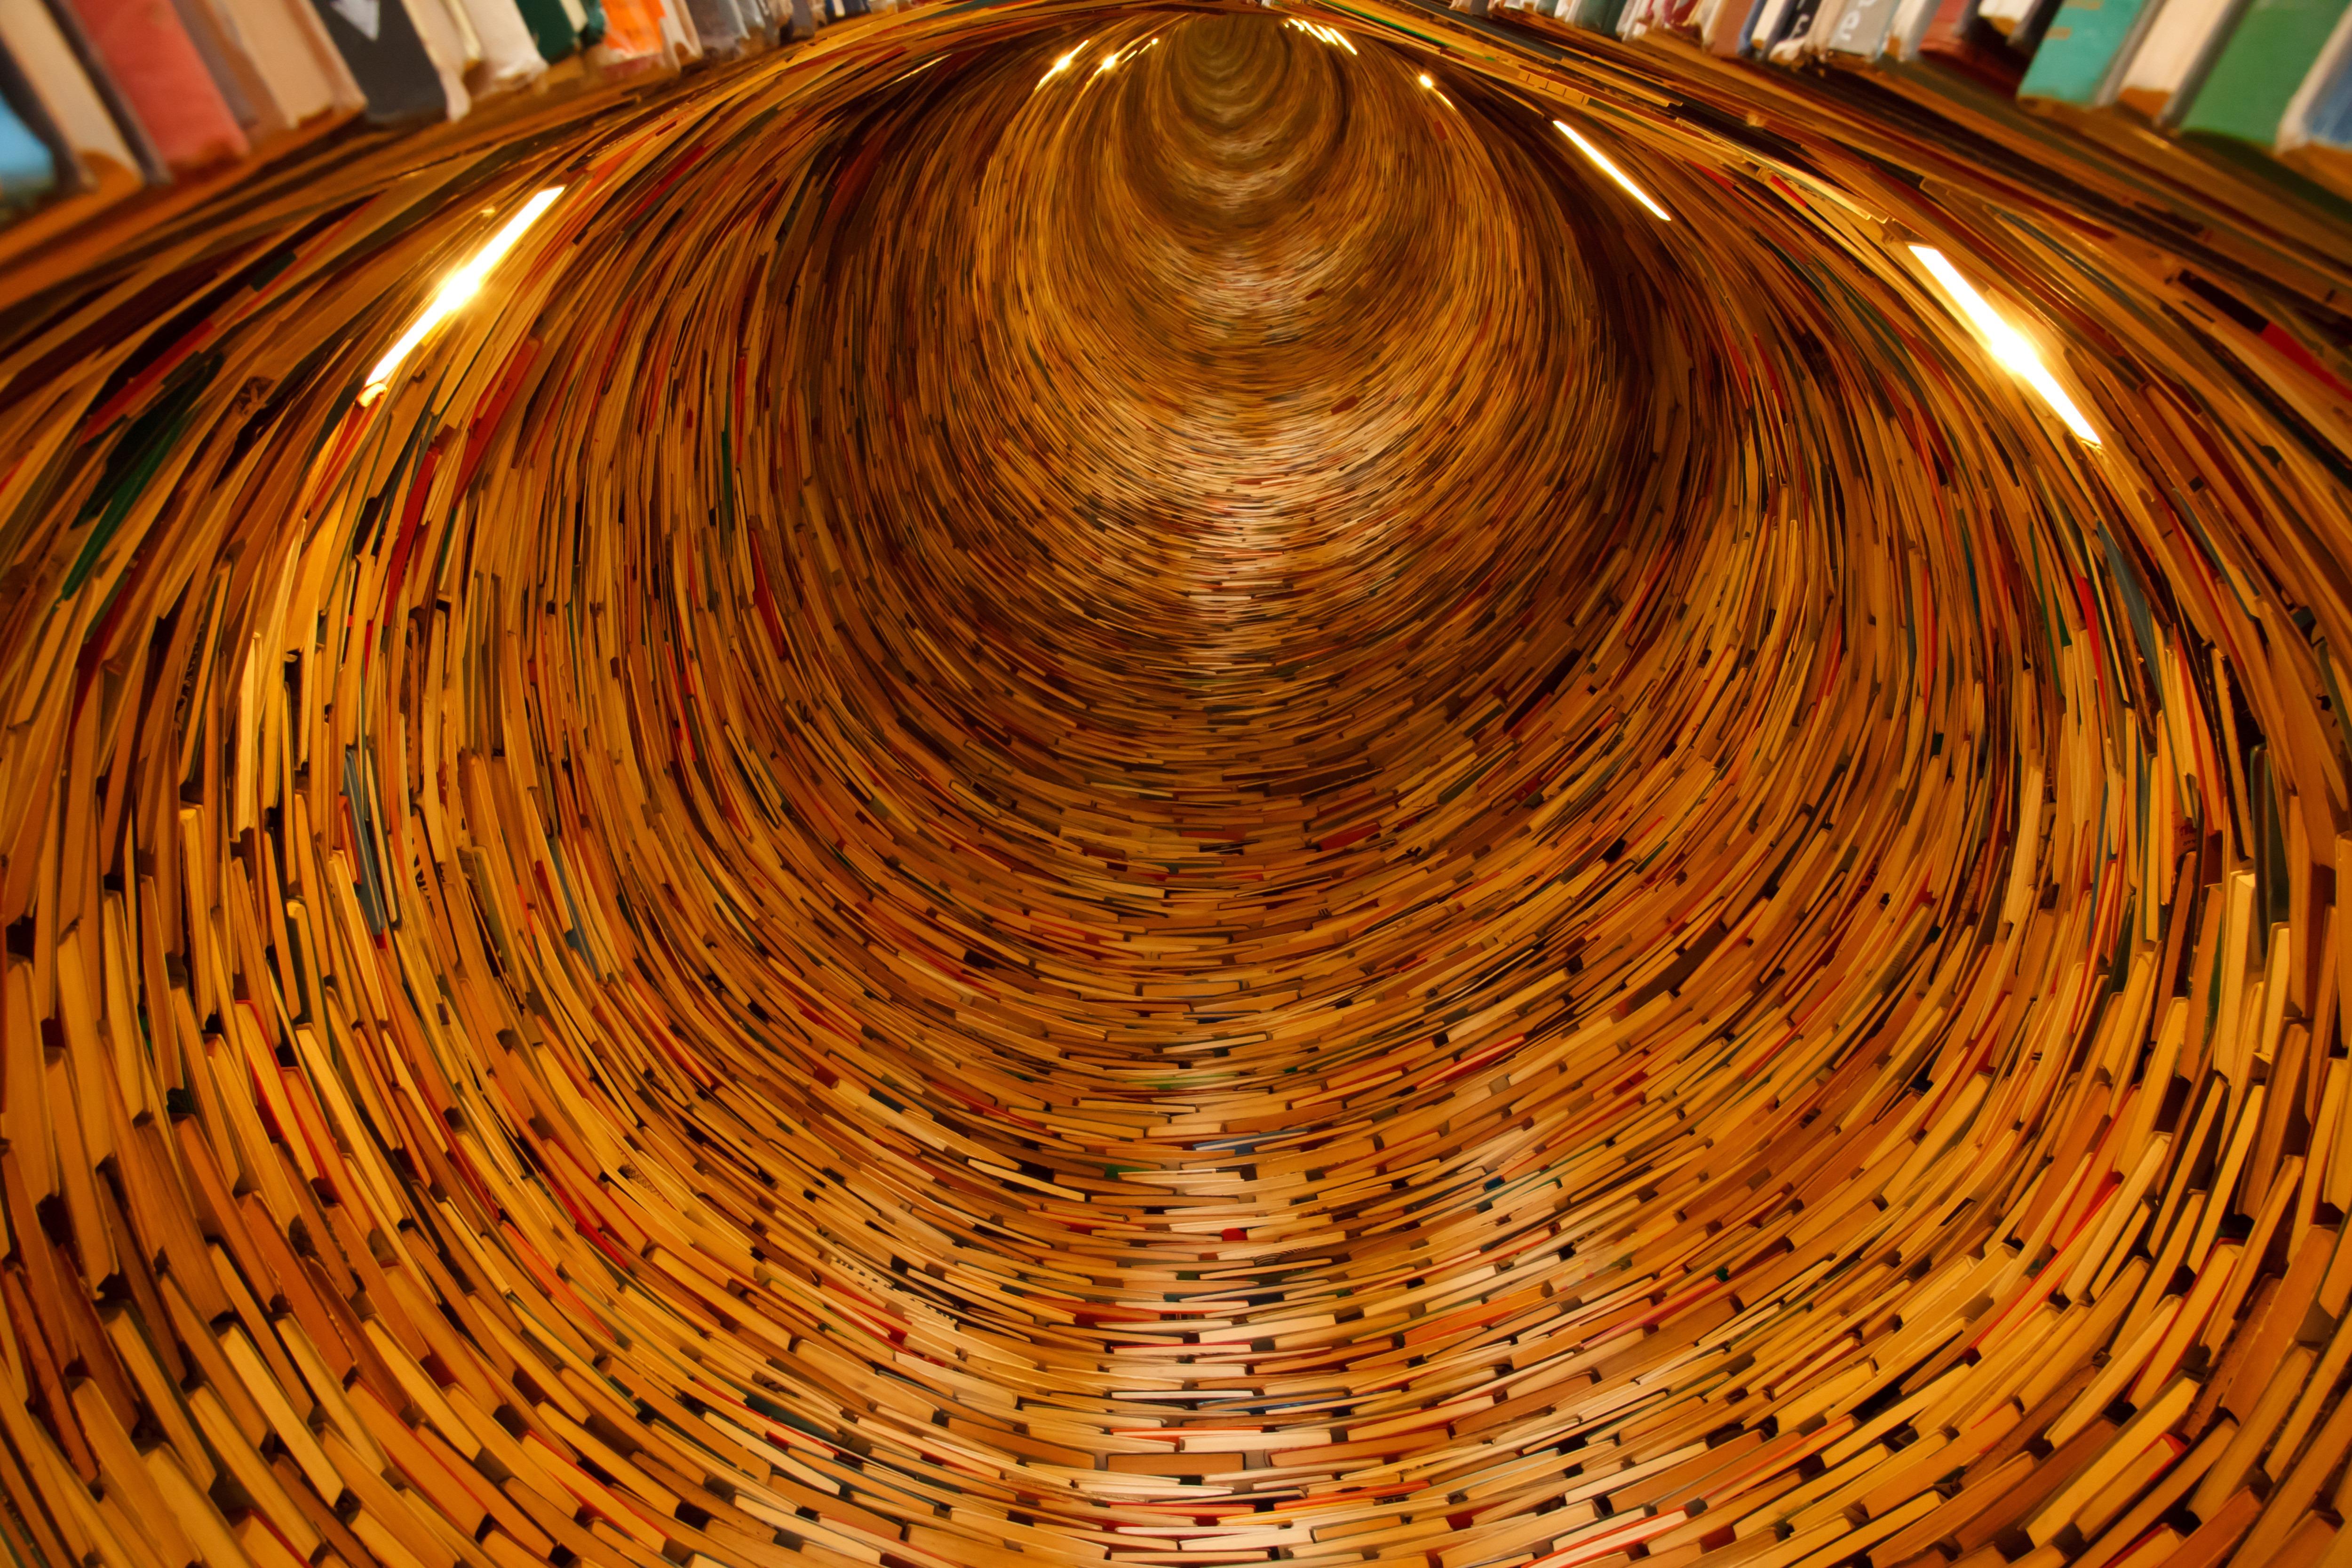 Fotos Gratis Madera Túnel Leyendo Interminable Circulo